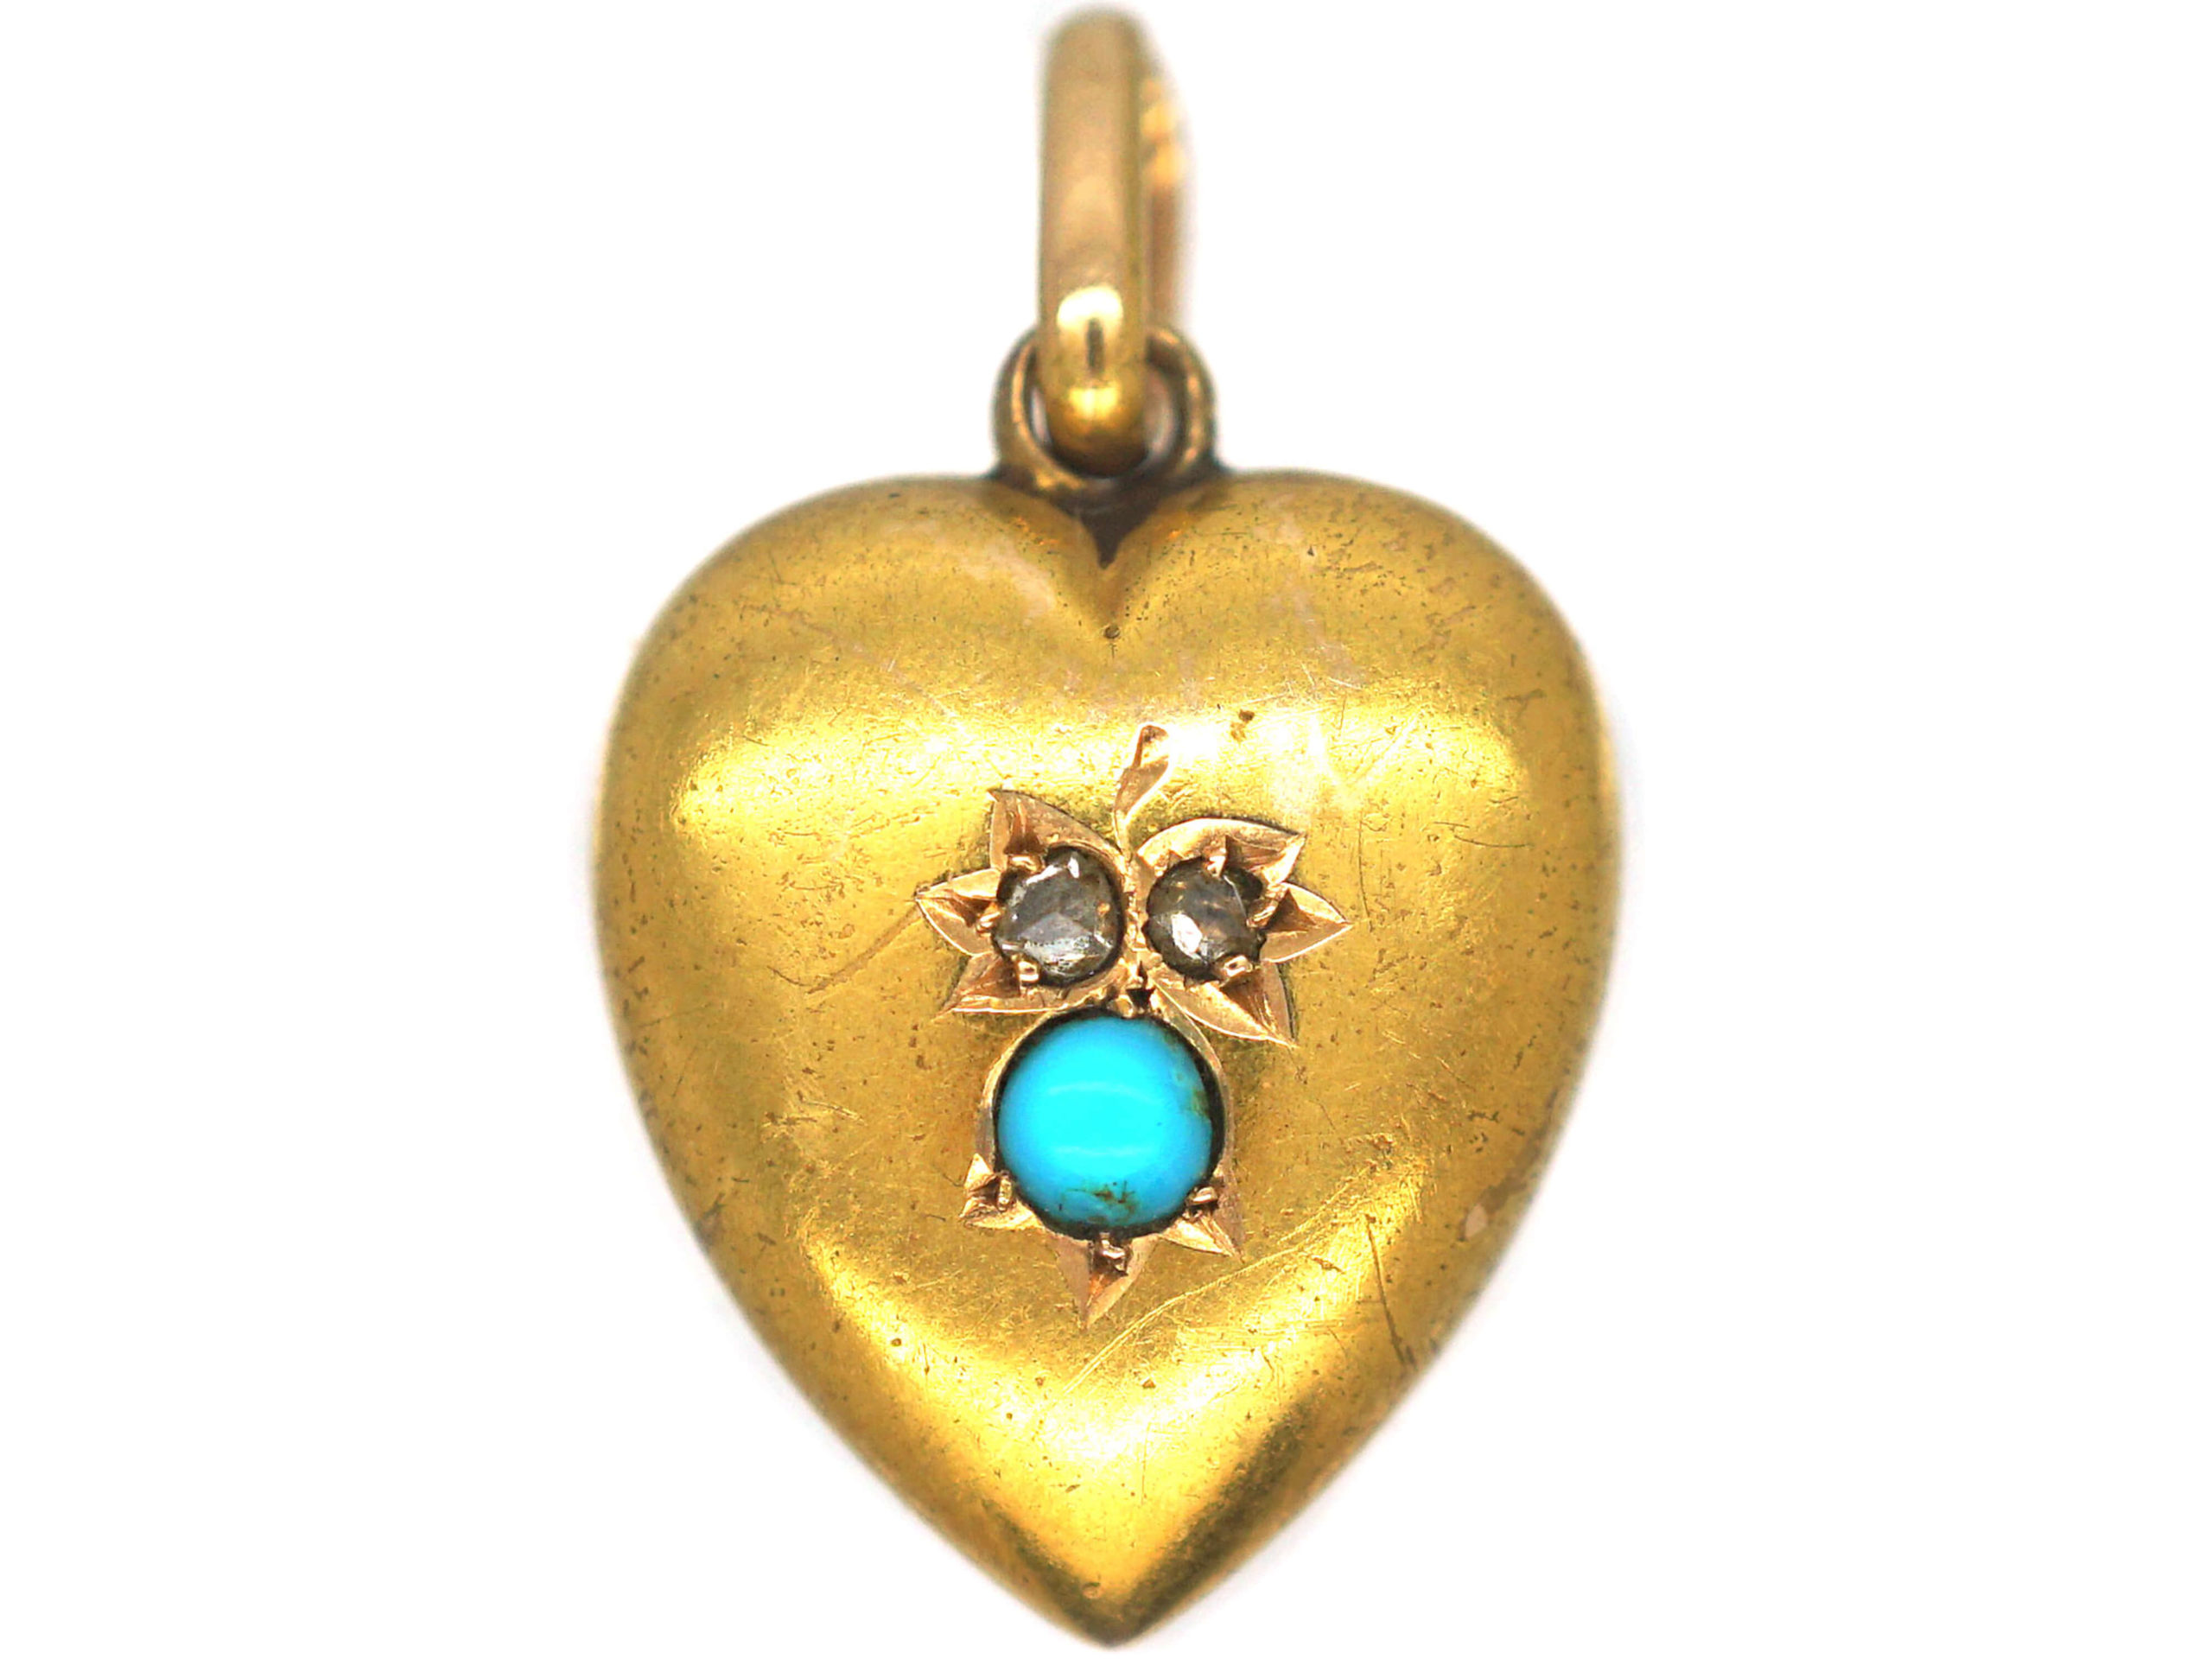 Edwardian 15ct Gold Heart Shaped Pendant set with Rose Diamonds & Turquoise